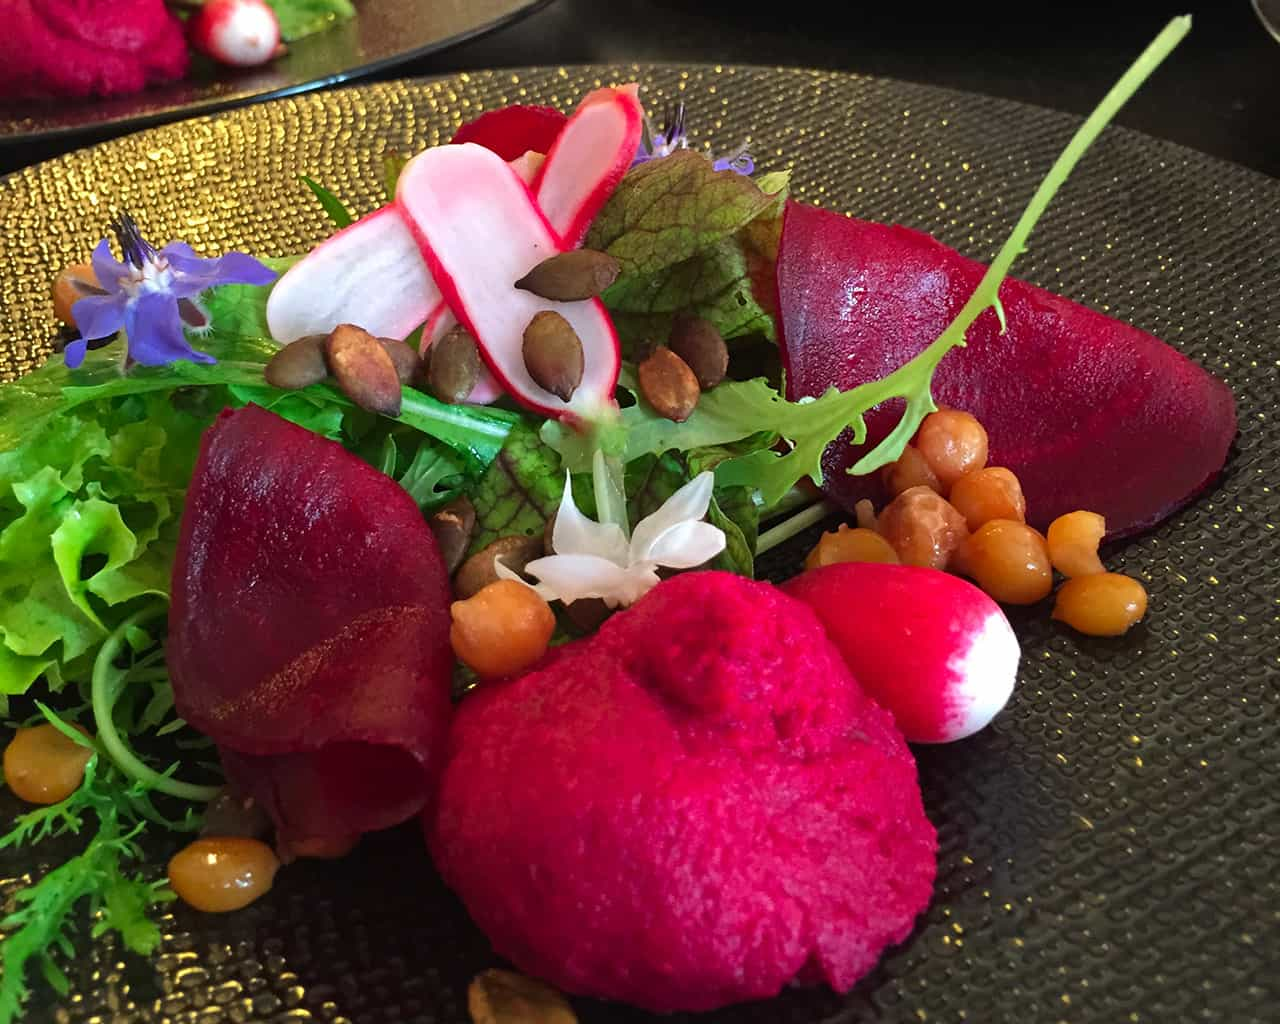 Cuisine de qualité faite maison à la table d'hôtes du Metafort dans le Luberon en Provence